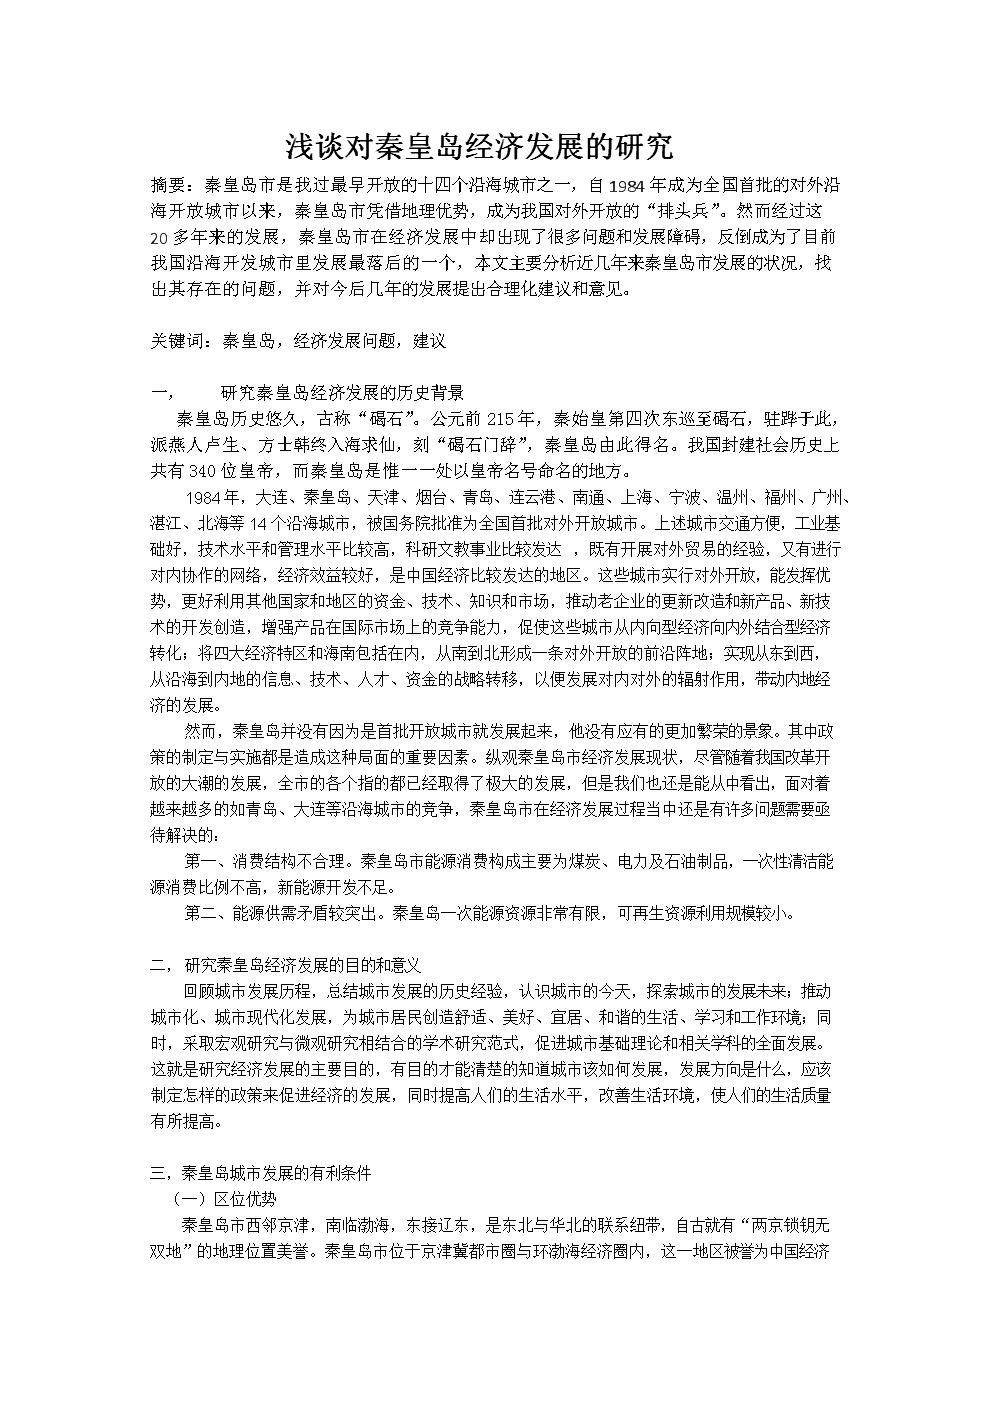 浅谈对秦皇岛经济发展的研究.doc